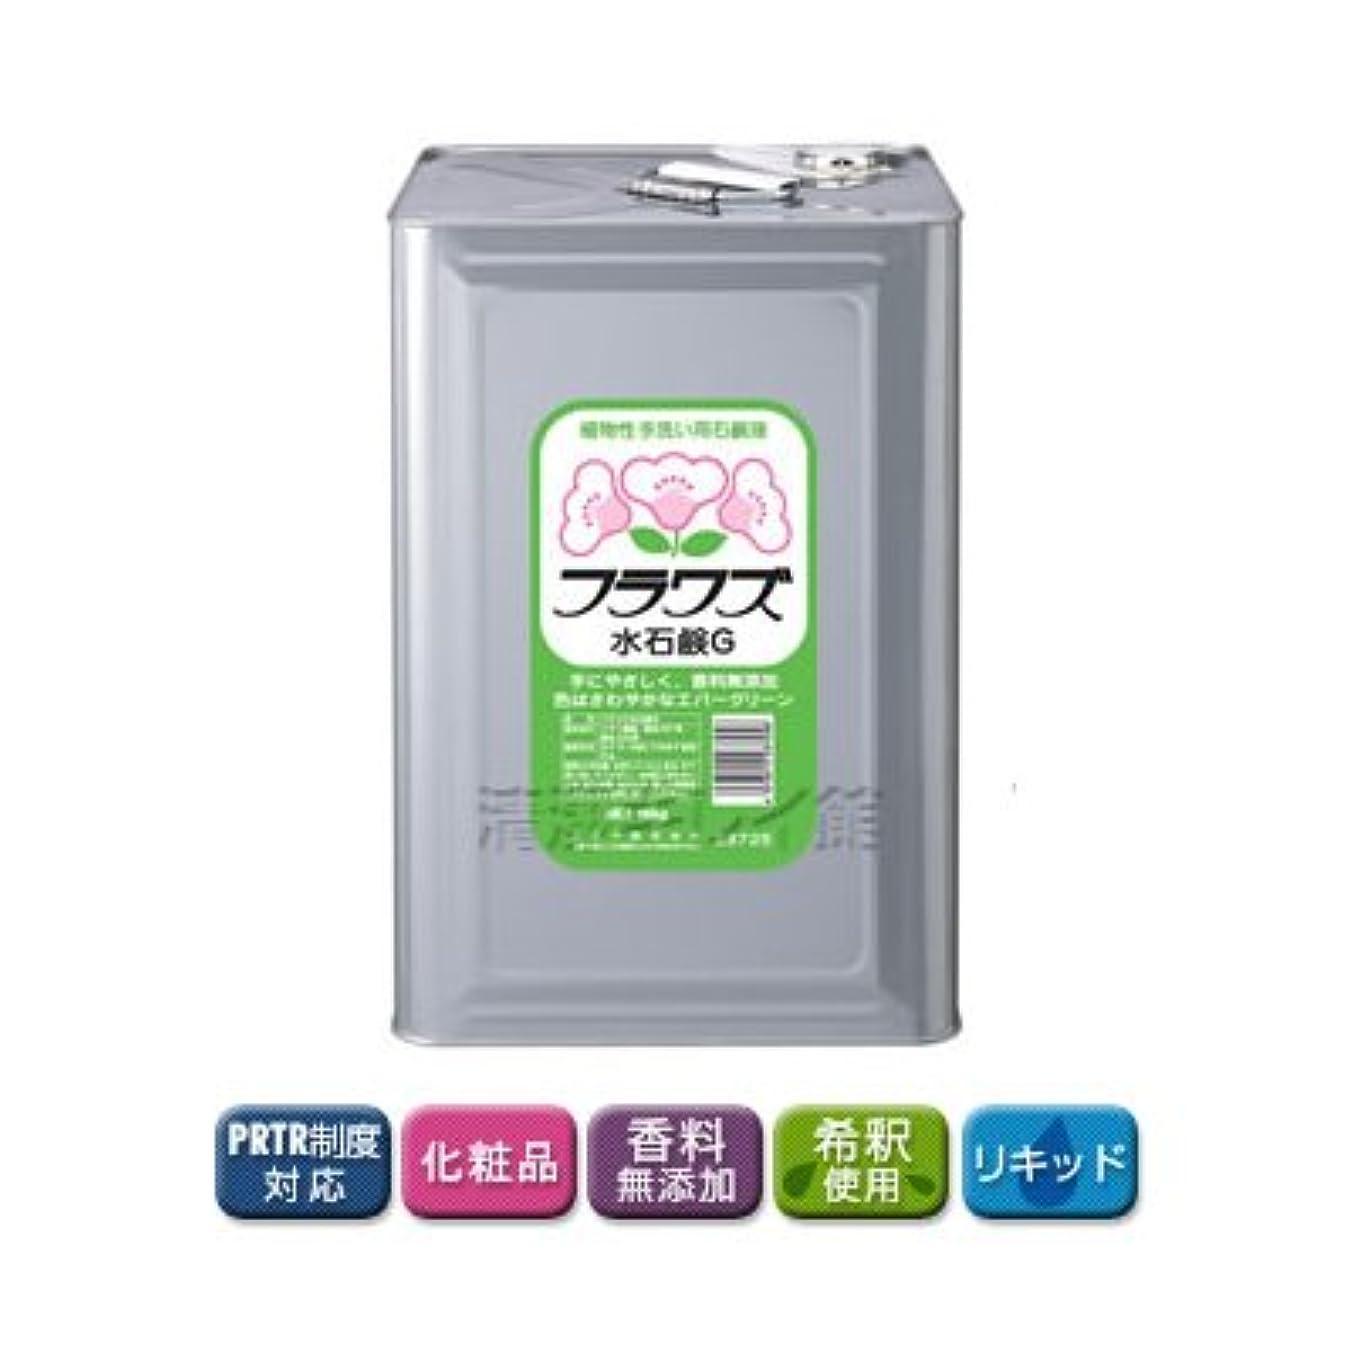 切り下げ同級生魅力【清潔キレイ館】サラヤ フラワズ水石鹸液G(18L)